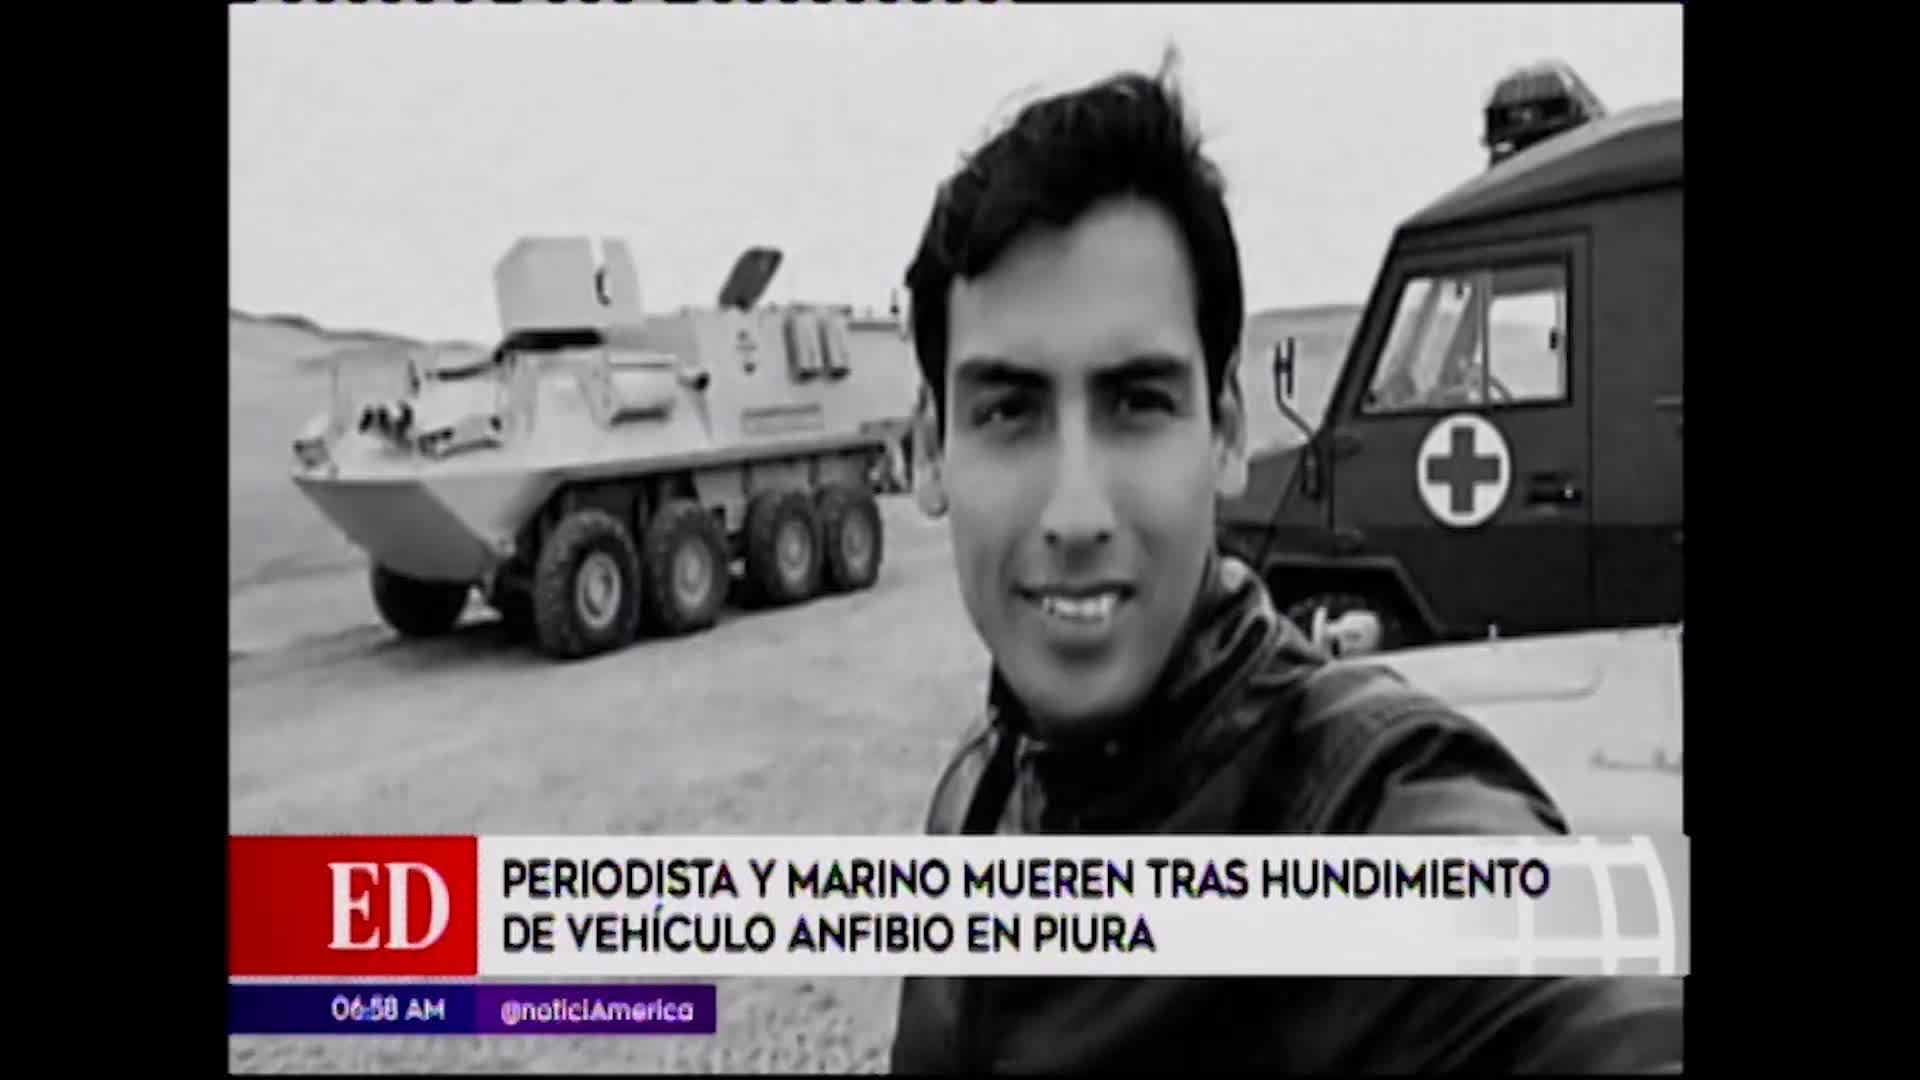 Piura: periodista y marino mueren tras hundirse vehículo anfibio